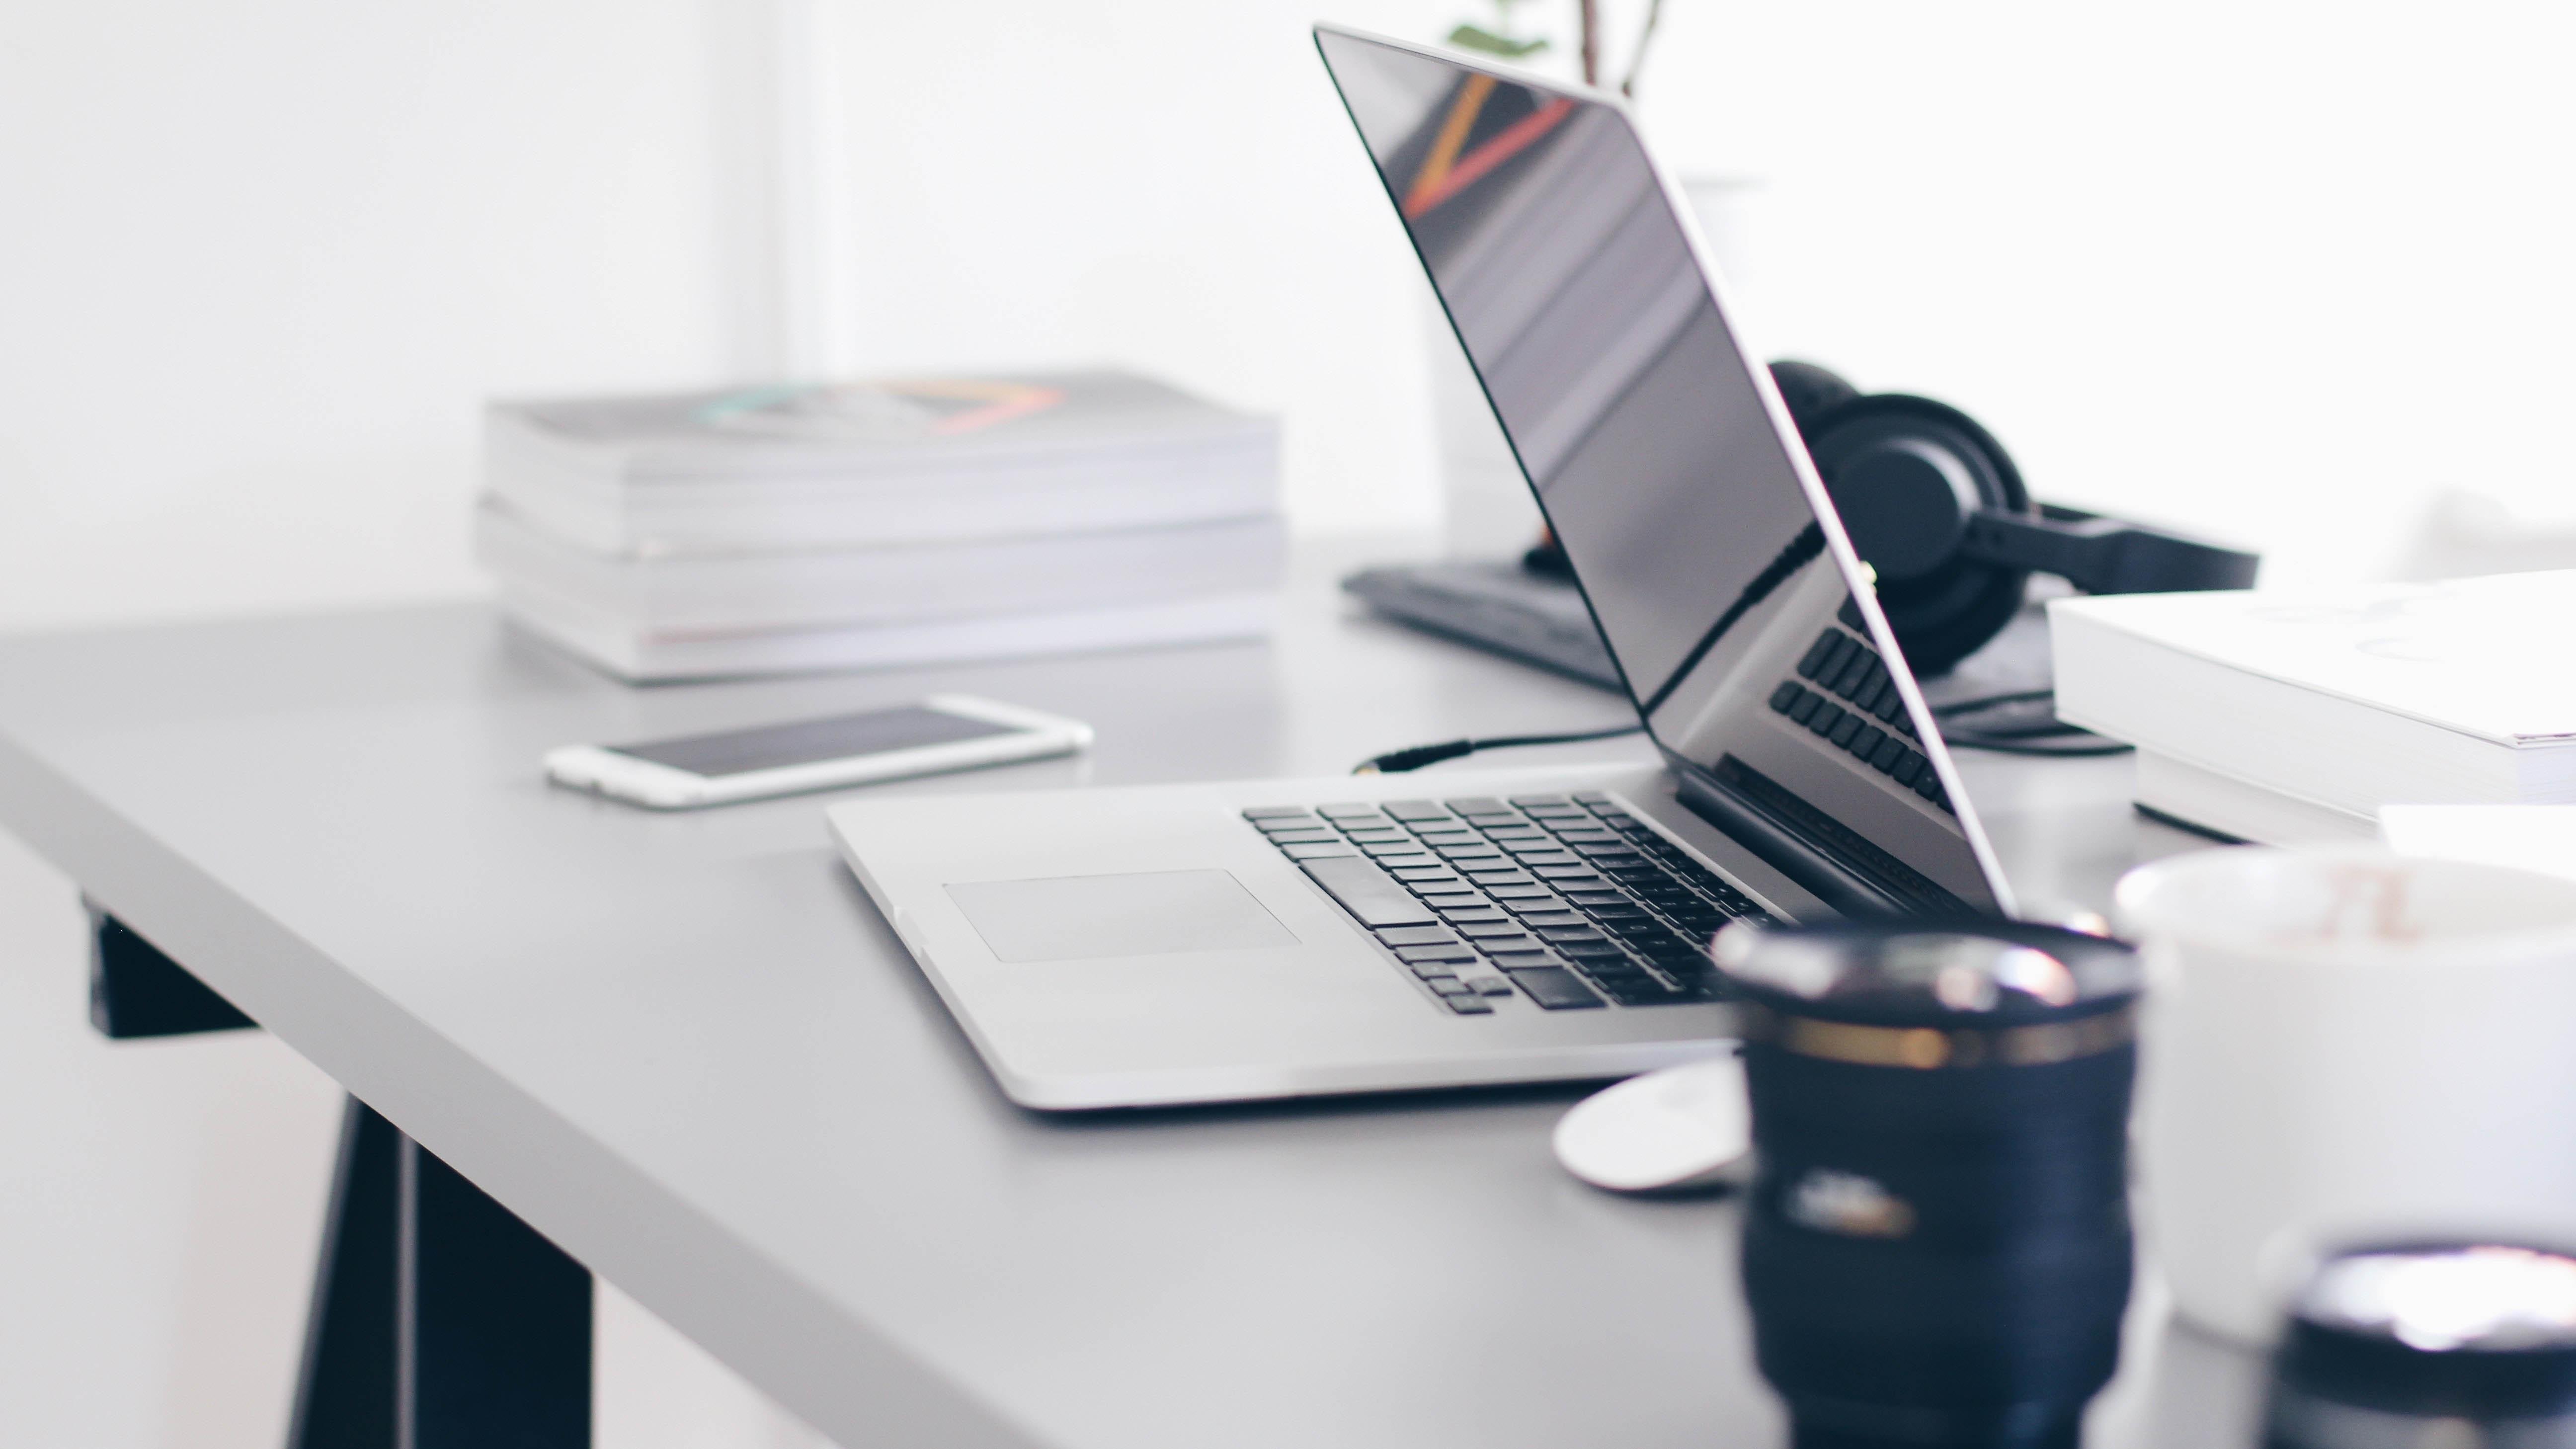 Un ordinateur portable, des livres, des écouteurs, une souris et une tasse de café sont placés sur une table.